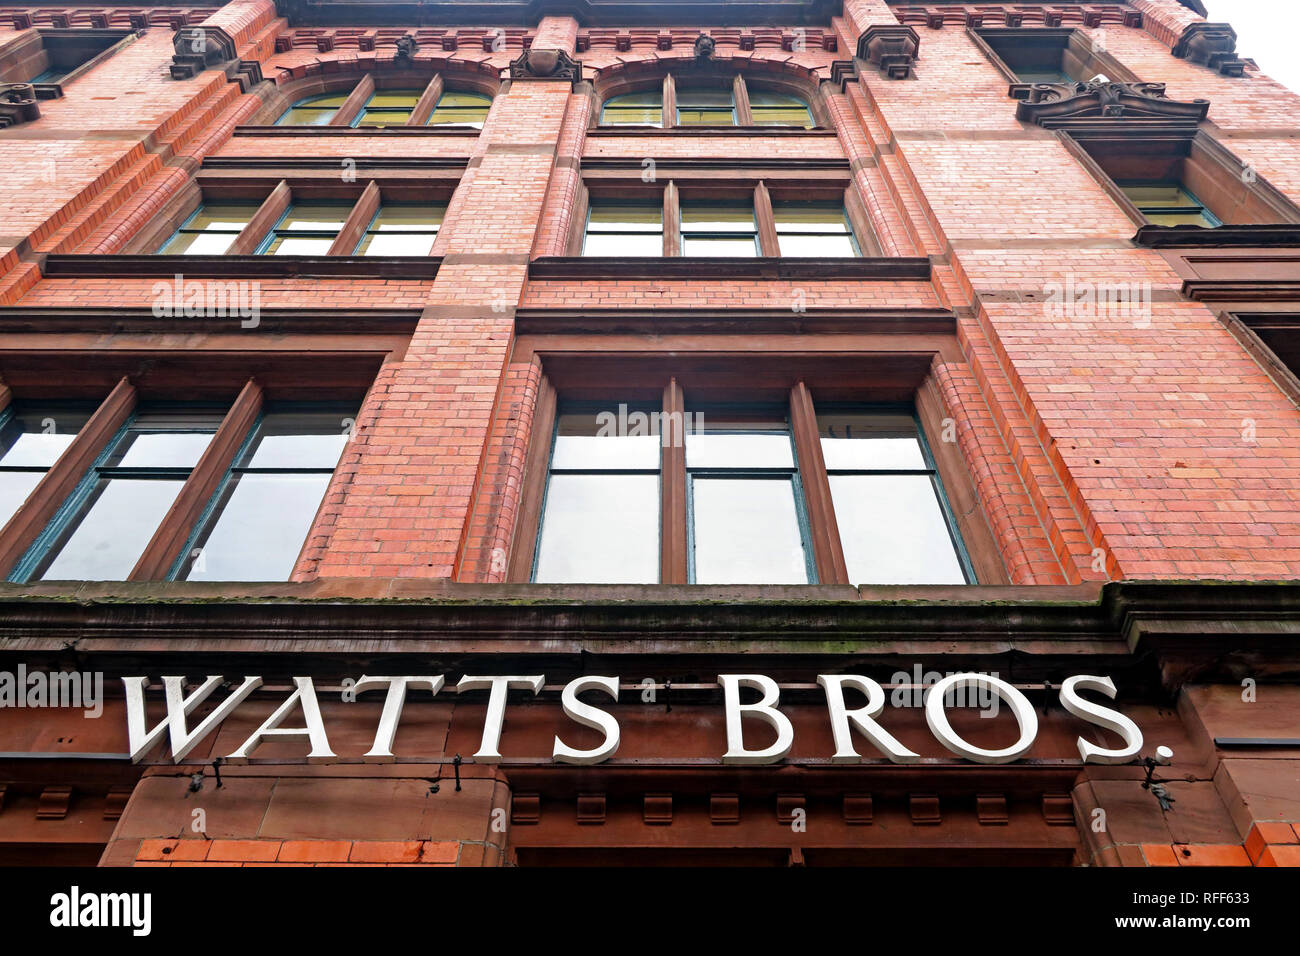 Laden Sie dieses Alamy Stockfoto Watt Brüder Gebäude, Bunsen St, Manchester, England, Großbritannien, M1 1DW - RFF633